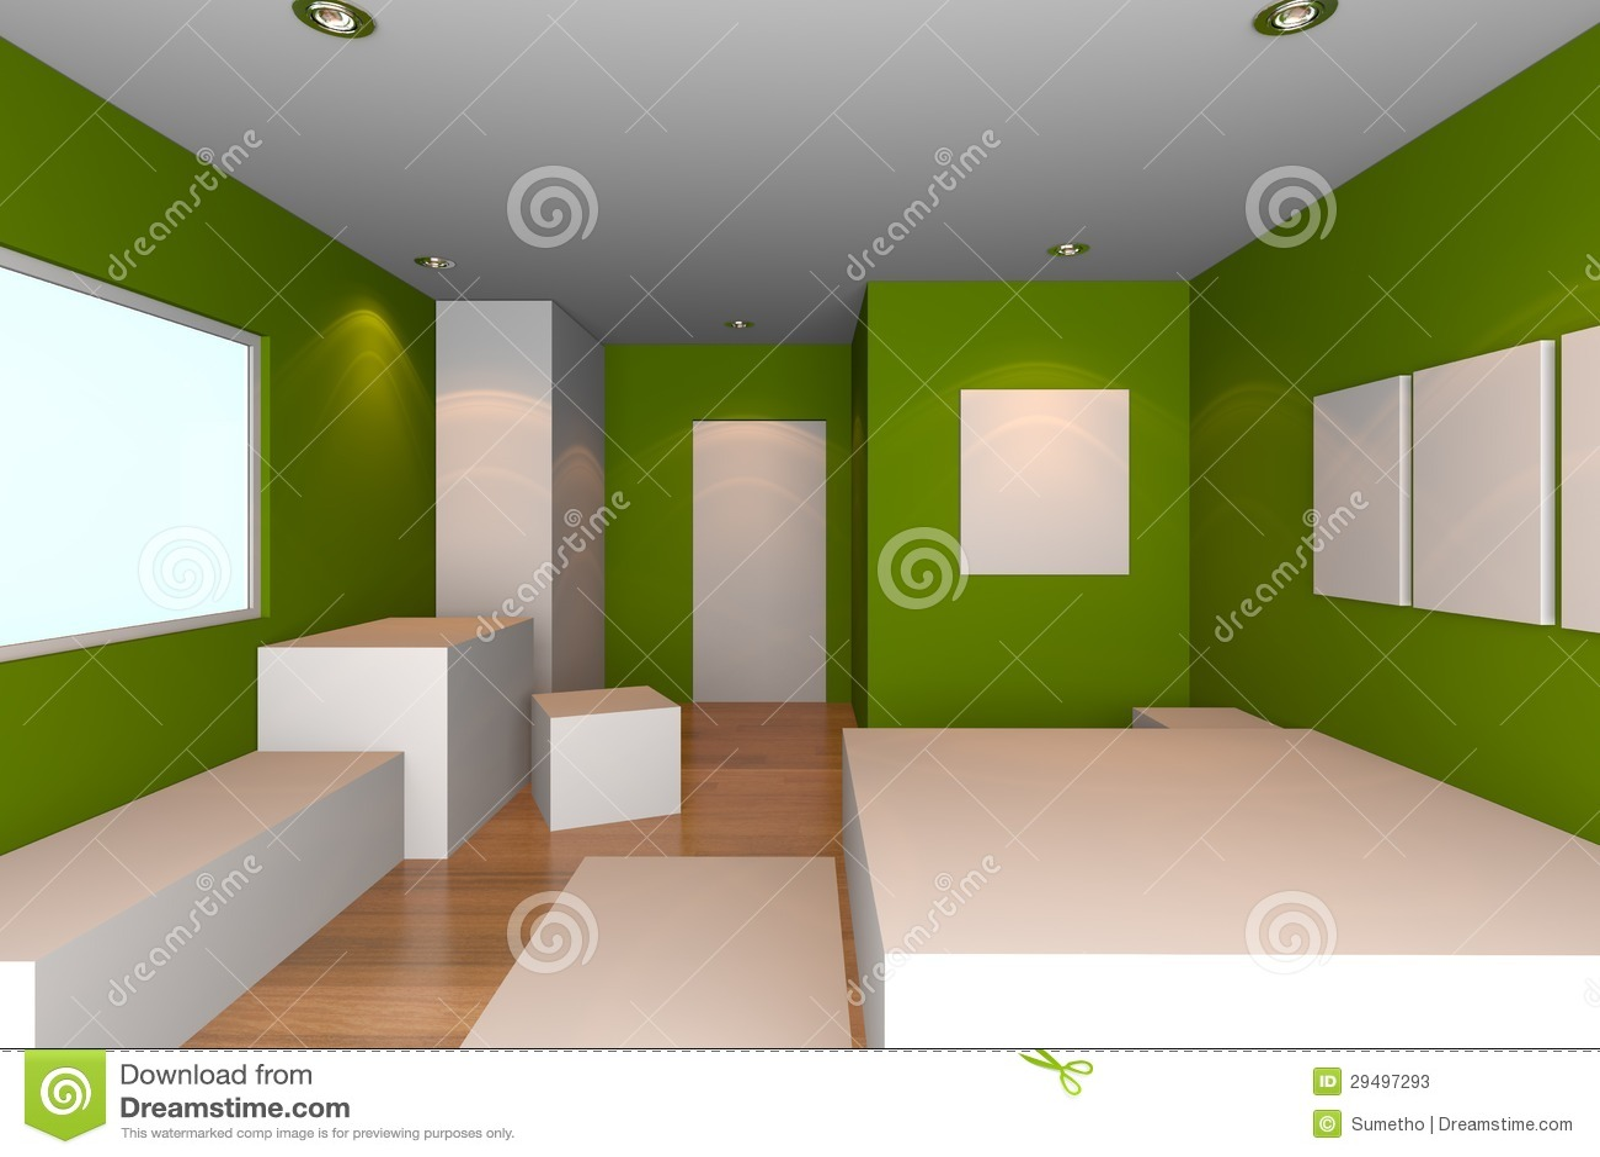 Grünes Schlafzimmer stock abbildung. Illustration von regal - 29497293